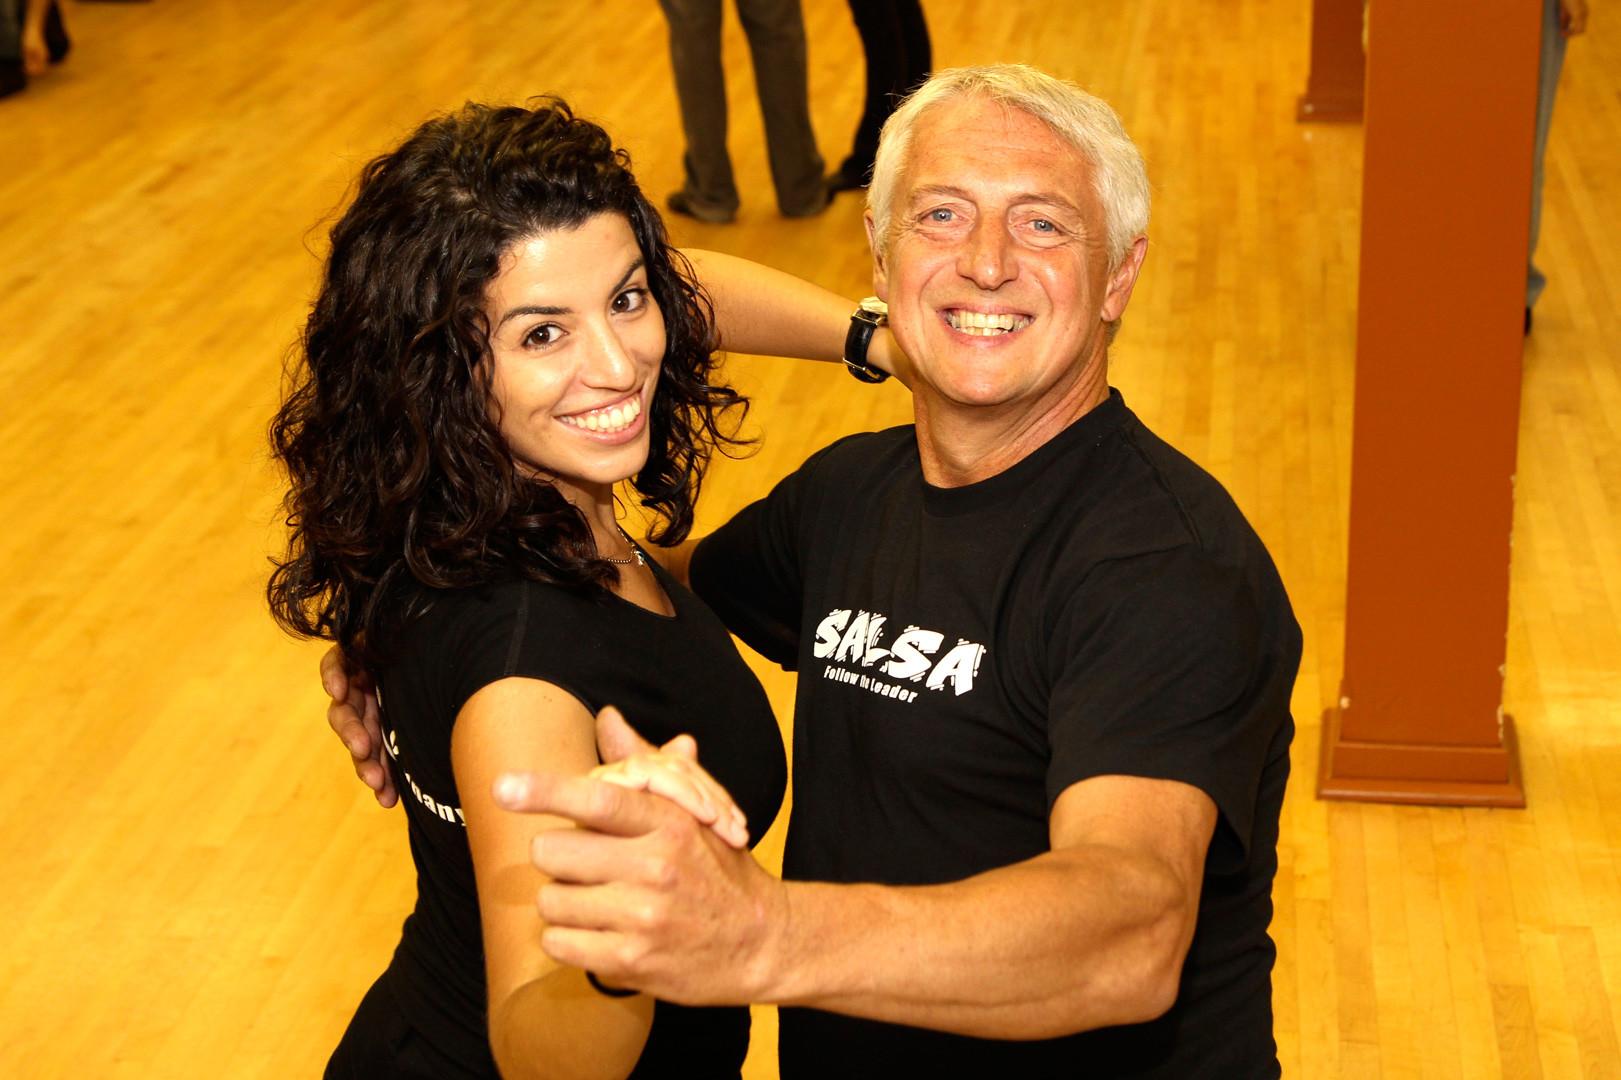 Professeurs Hassina et Yves - à l'école de danses Baila Productions